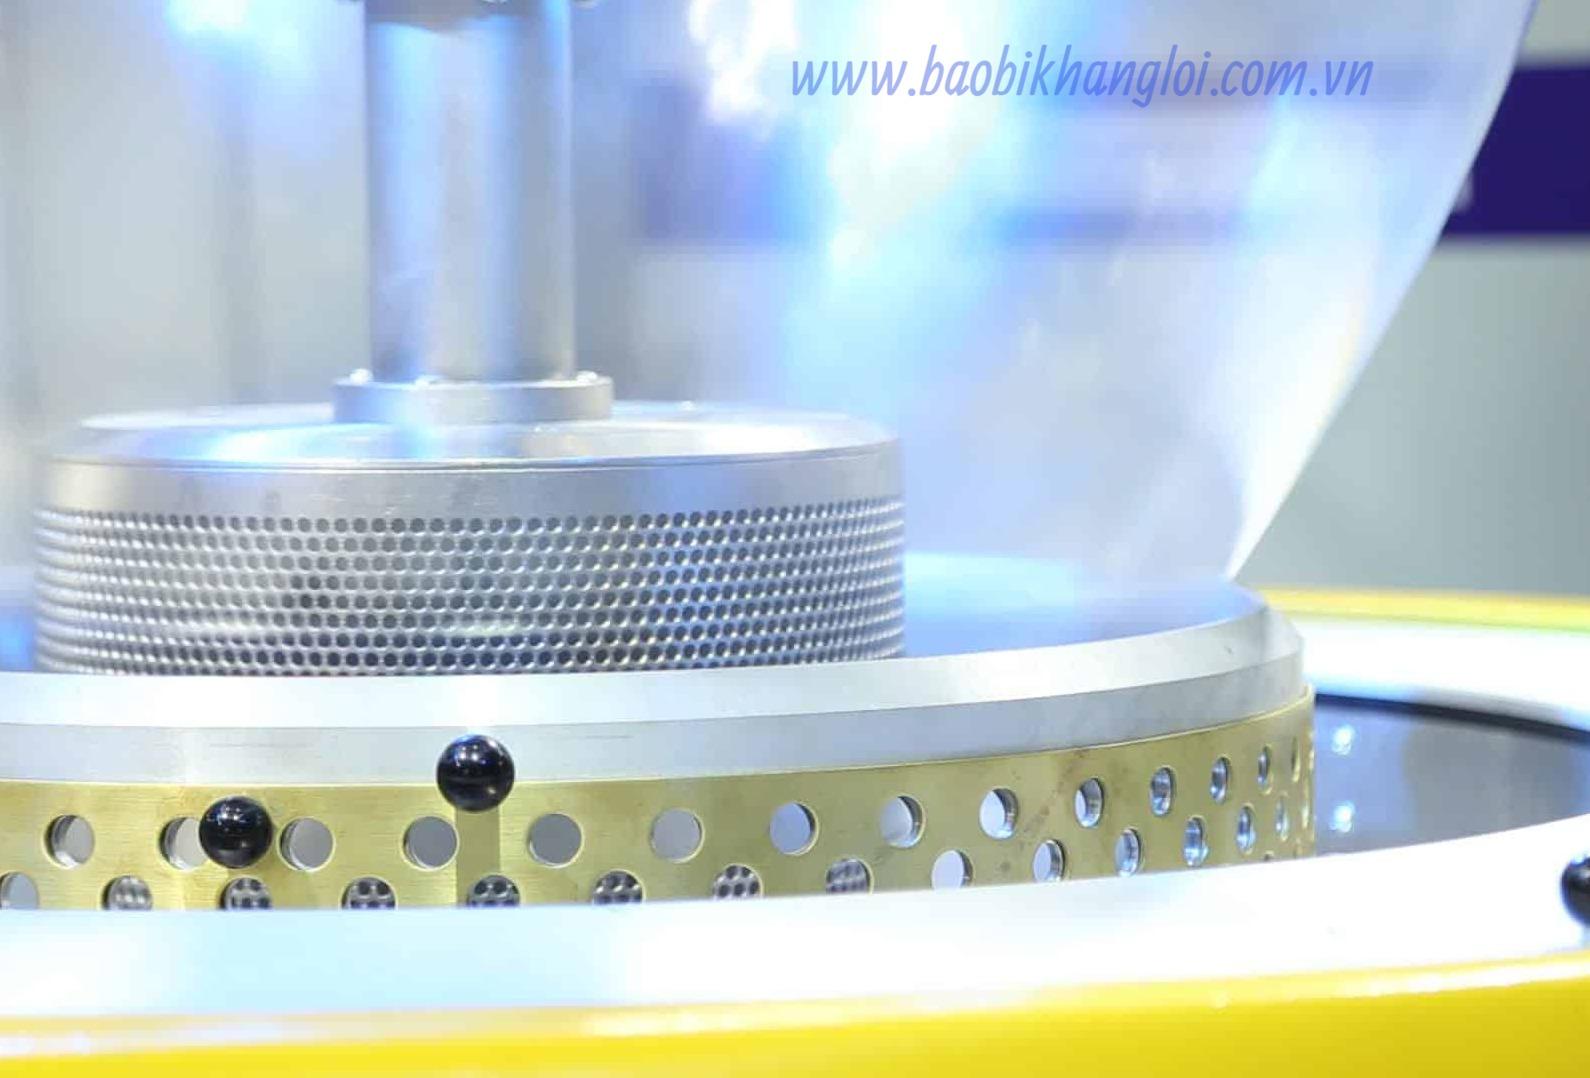 thanh ổn định trung tâm dùng để thổi túi HDPE